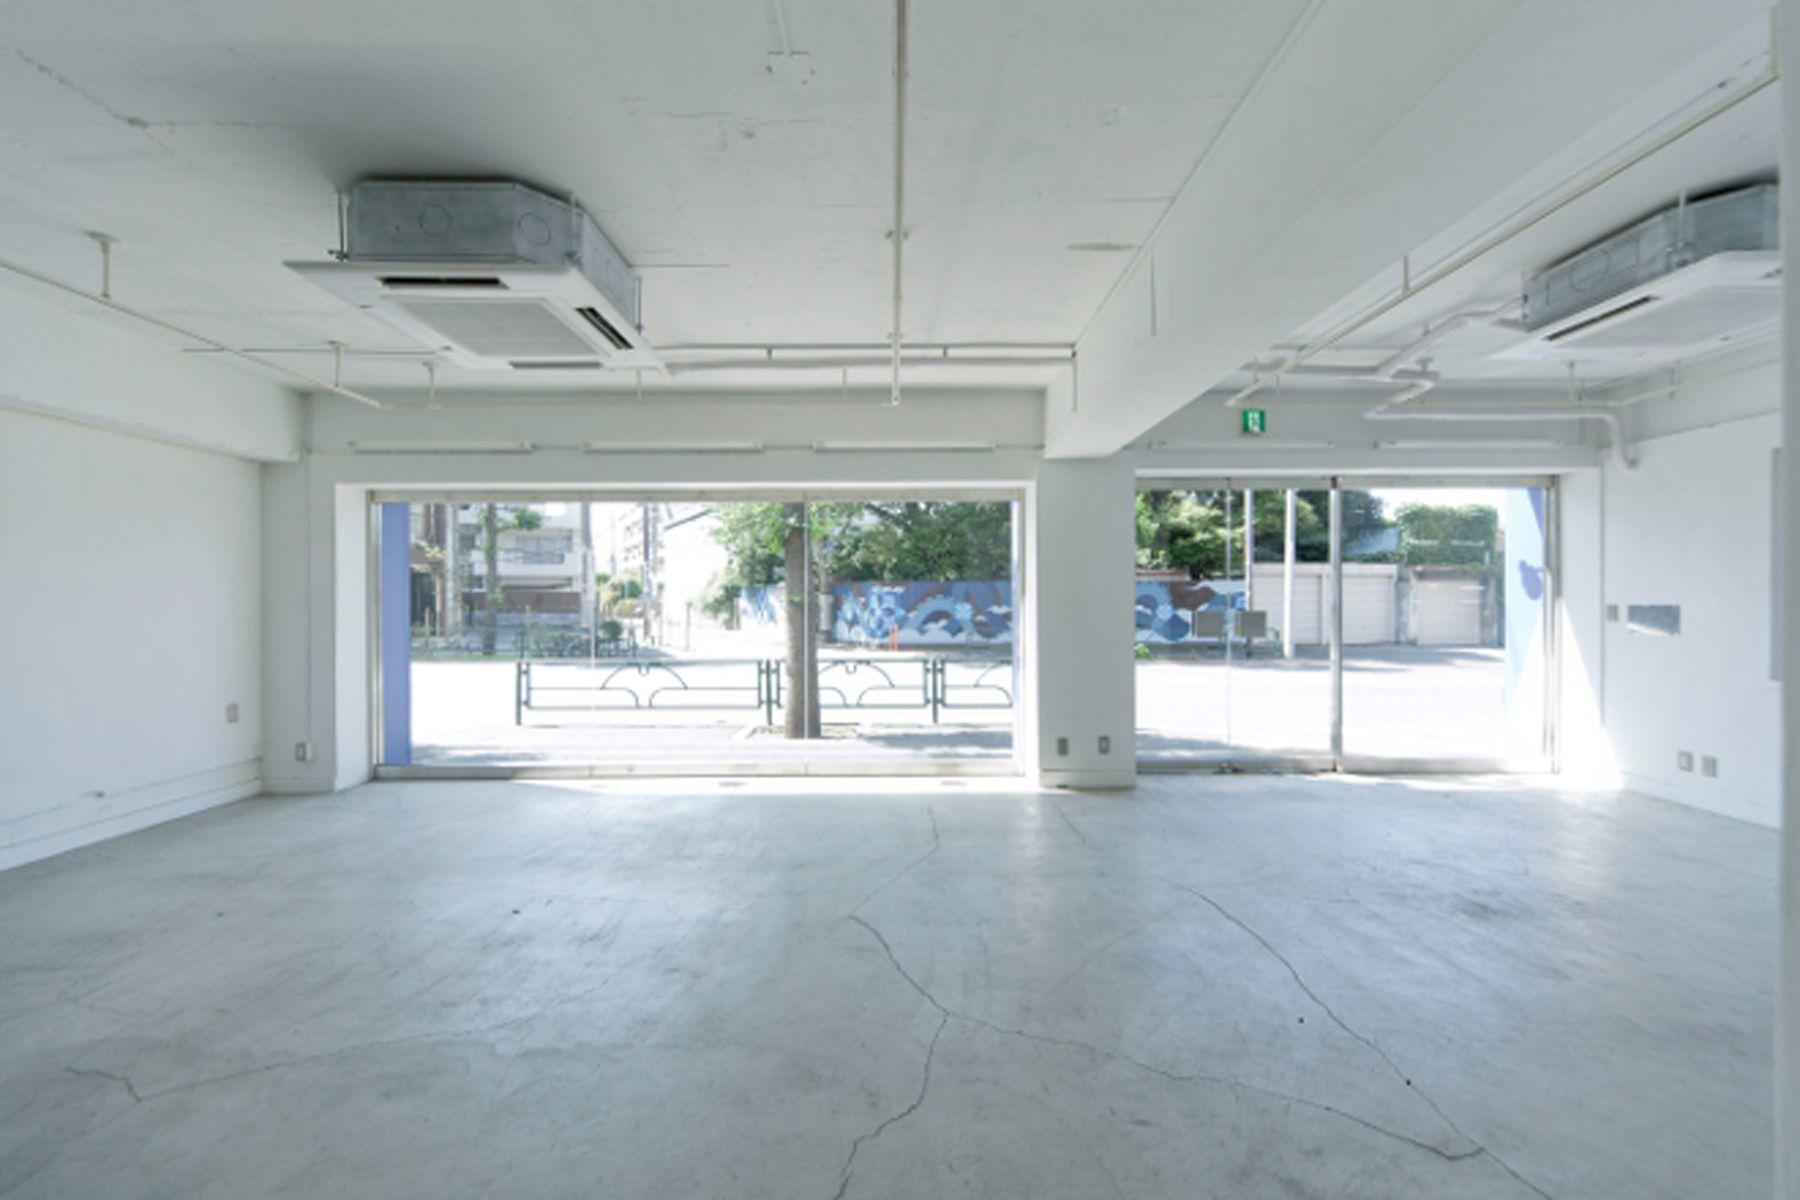 LEERES STUDIO (リアレススタジオ)ショーウィンドウのある空間/1F